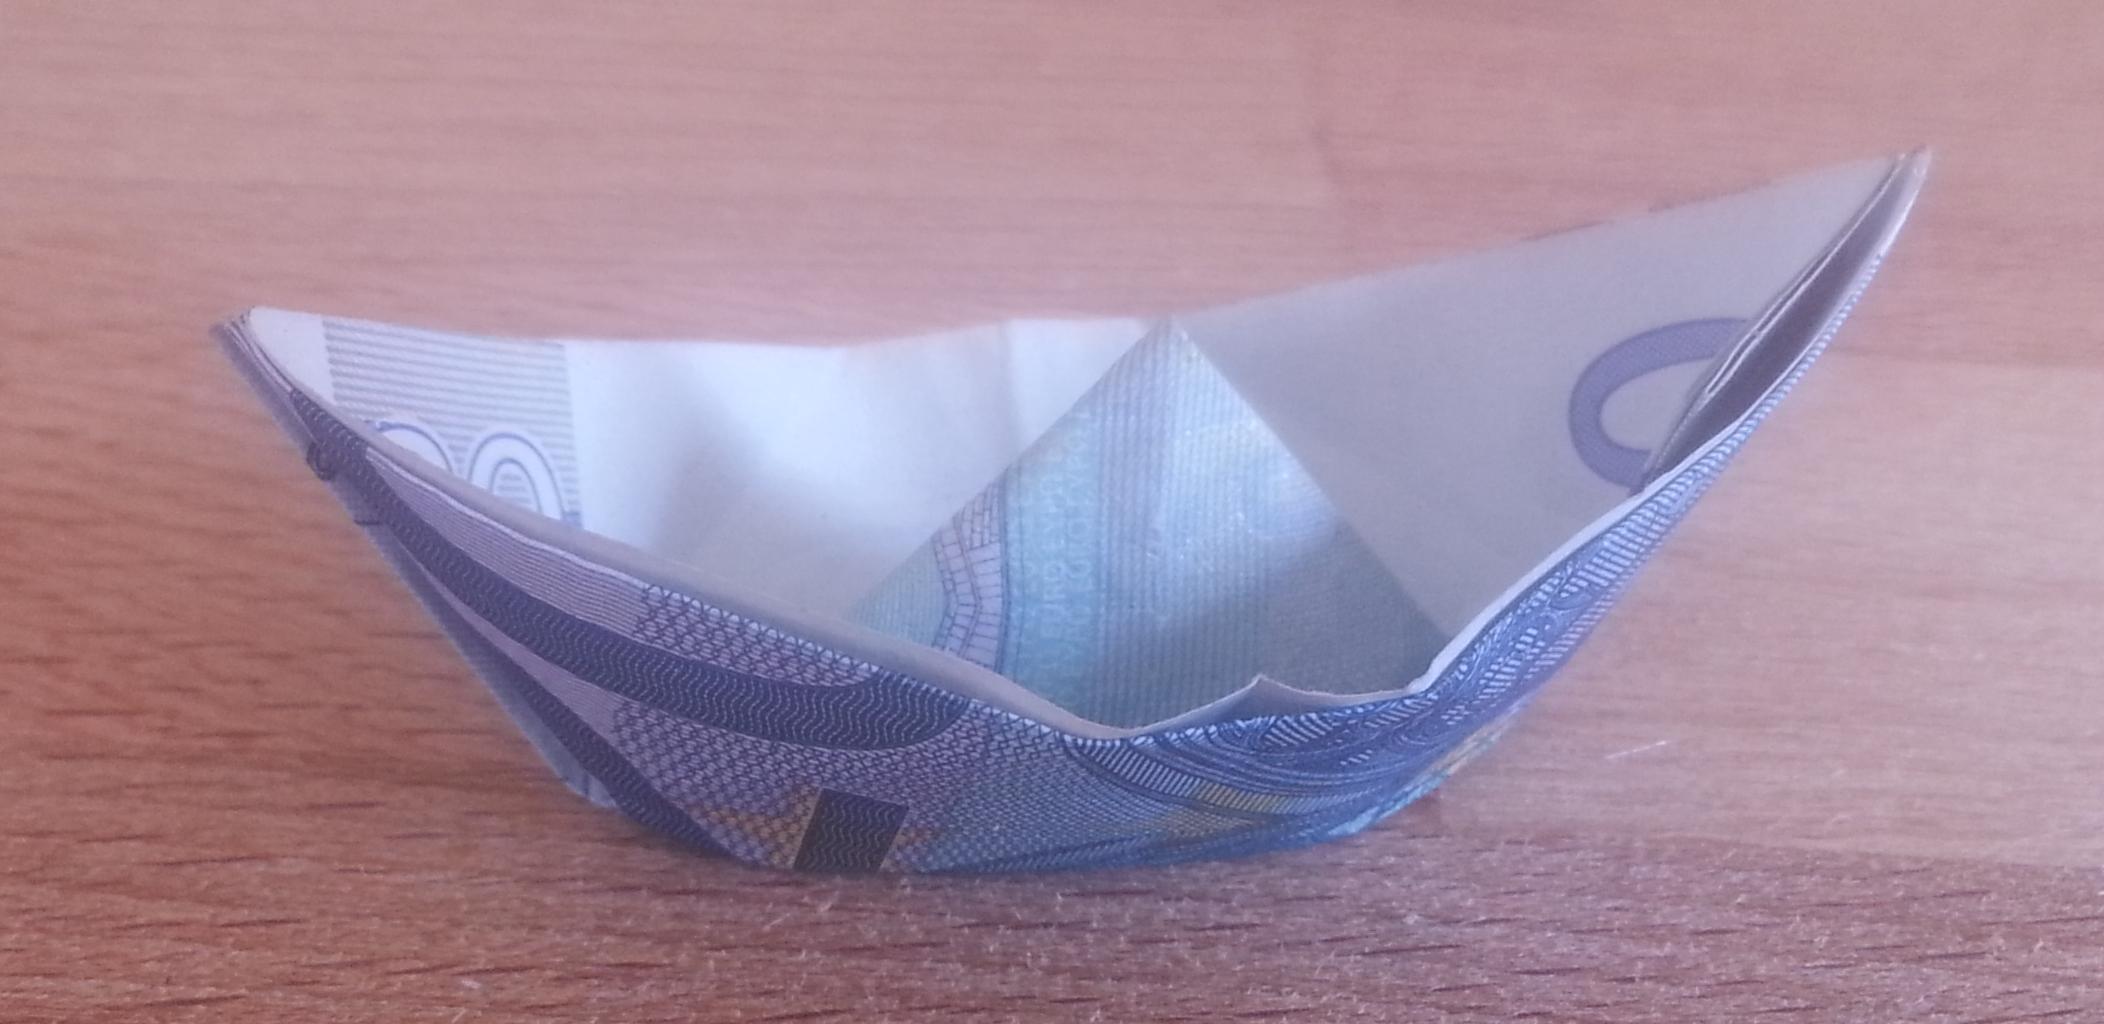 Schiff aus einem Geldschein gefaltet